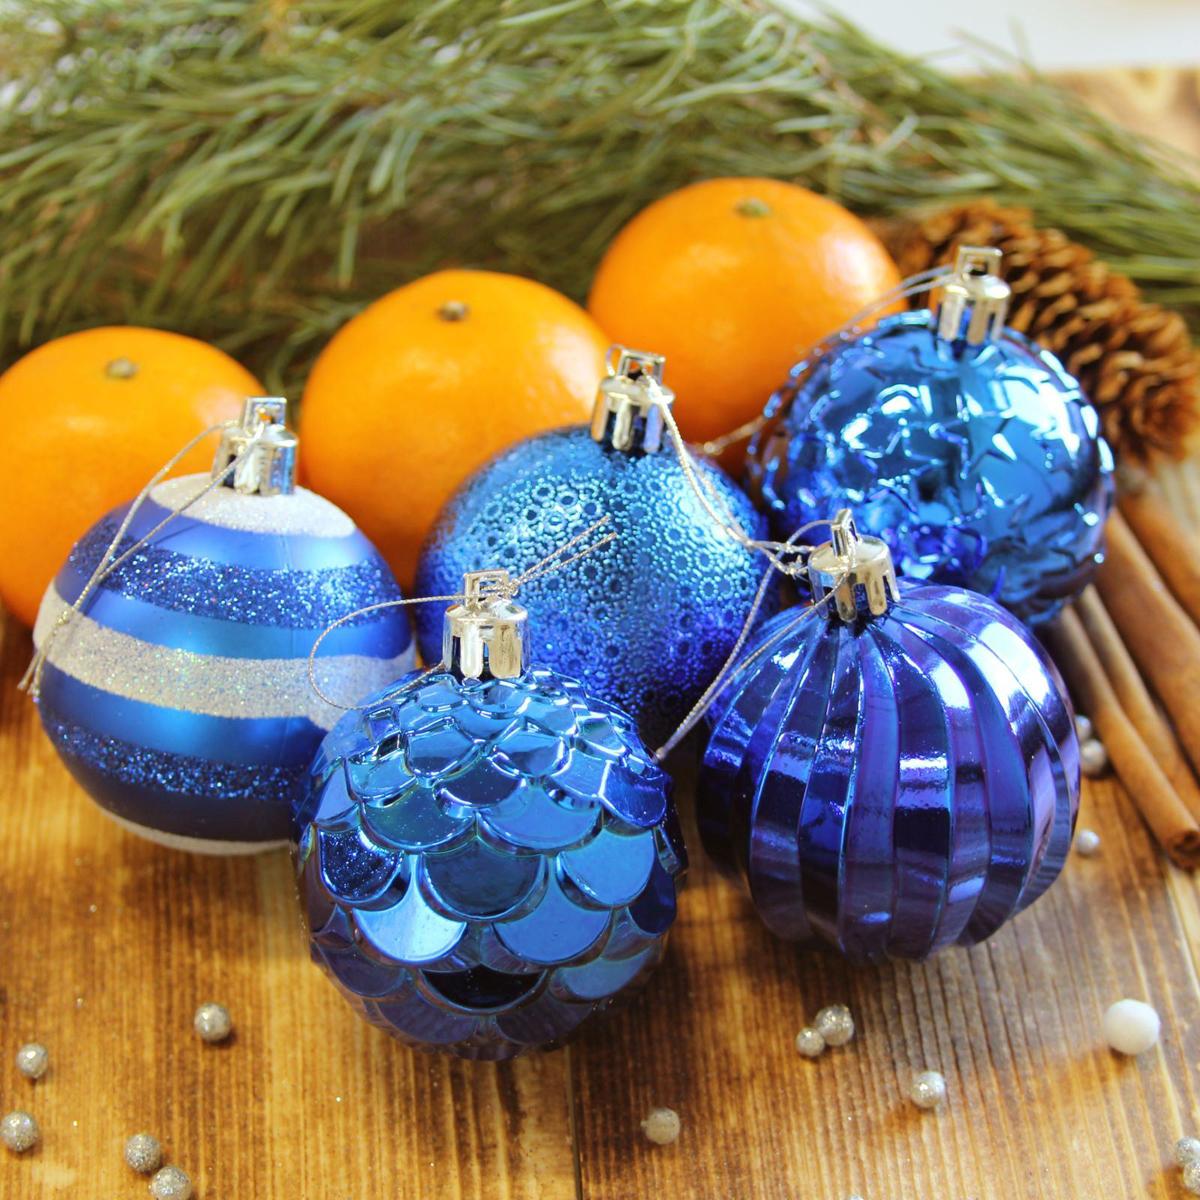 Набор новогодних подвесных украшений Sima-land Элит, цвет: синий, диаметр 6 см, 20 шт2123019Набор новогодних подвесных украшений Sima-land отлично подойдет для декорации вашего дома и новогодней ели. С помощью специальной петельки украшение можно повесить в любом понравившемся вам месте. Но, конечно, удачнее всего оно будет смотреться на праздничной елке. Елочная игрушка - символ Нового года. Она несет в себе волшебство и красоту праздника. Создайте в своем доме атмосферу веселья и радости, украшая новогоднюю елку нарядными игрушками, которые будут из года в год накапливать теплоту воспоминаний.